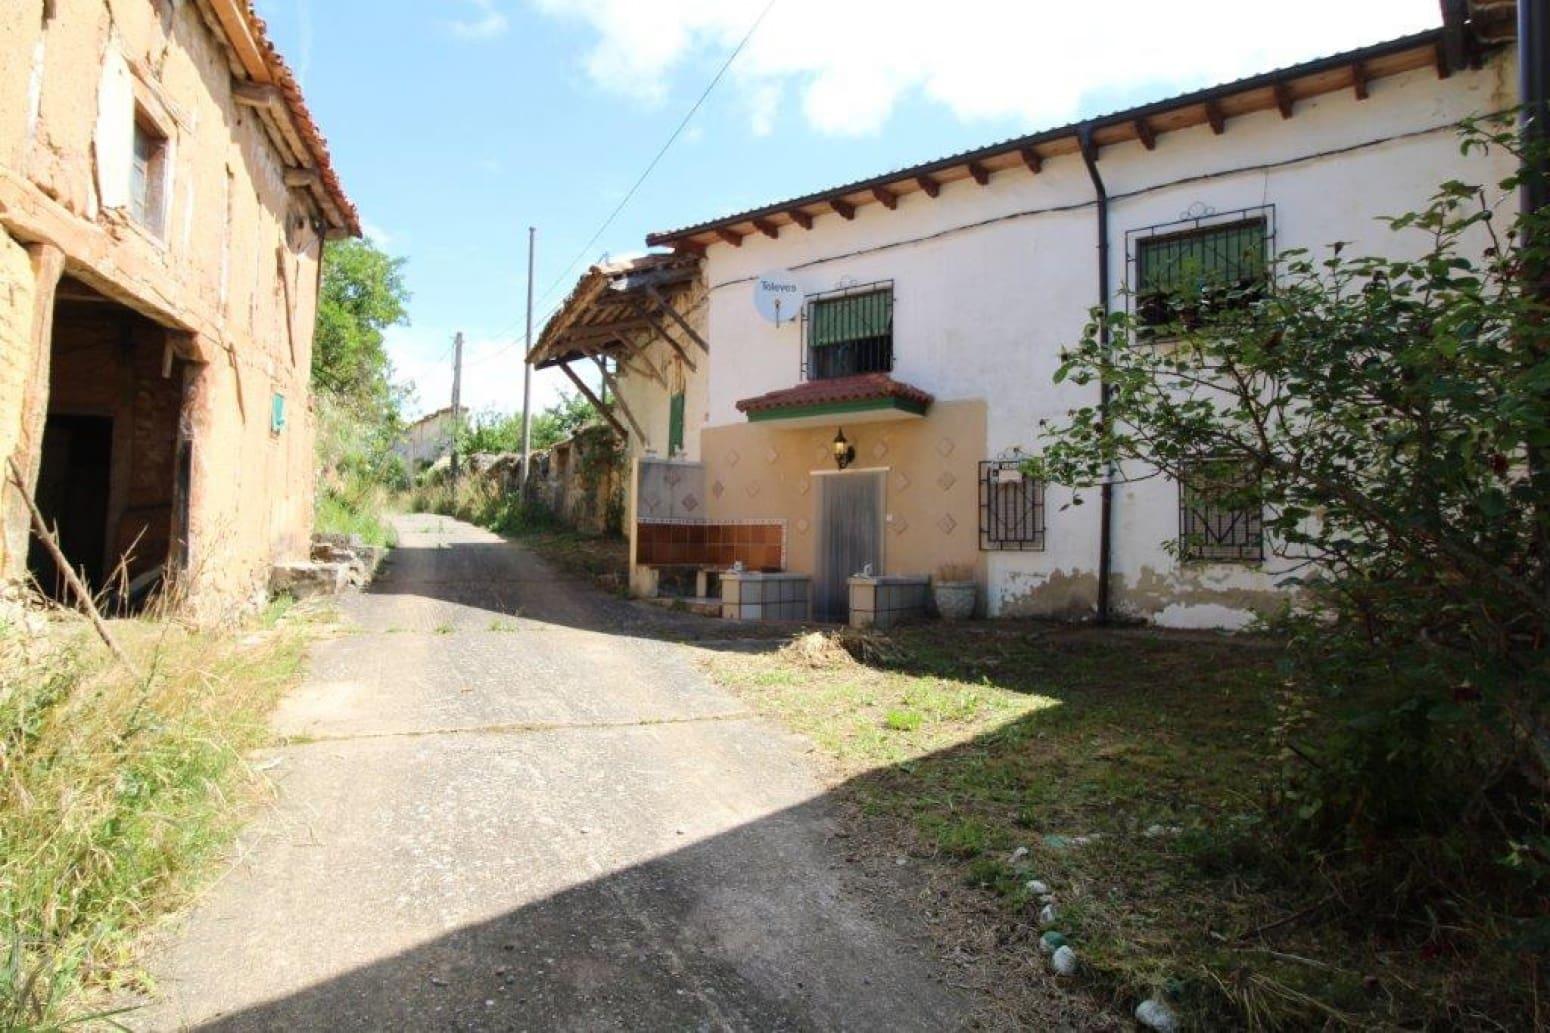 3 sovrum Radhus till salu i Rebolledo de la Torre med garage - 72 000 € (Ref: 4688362)